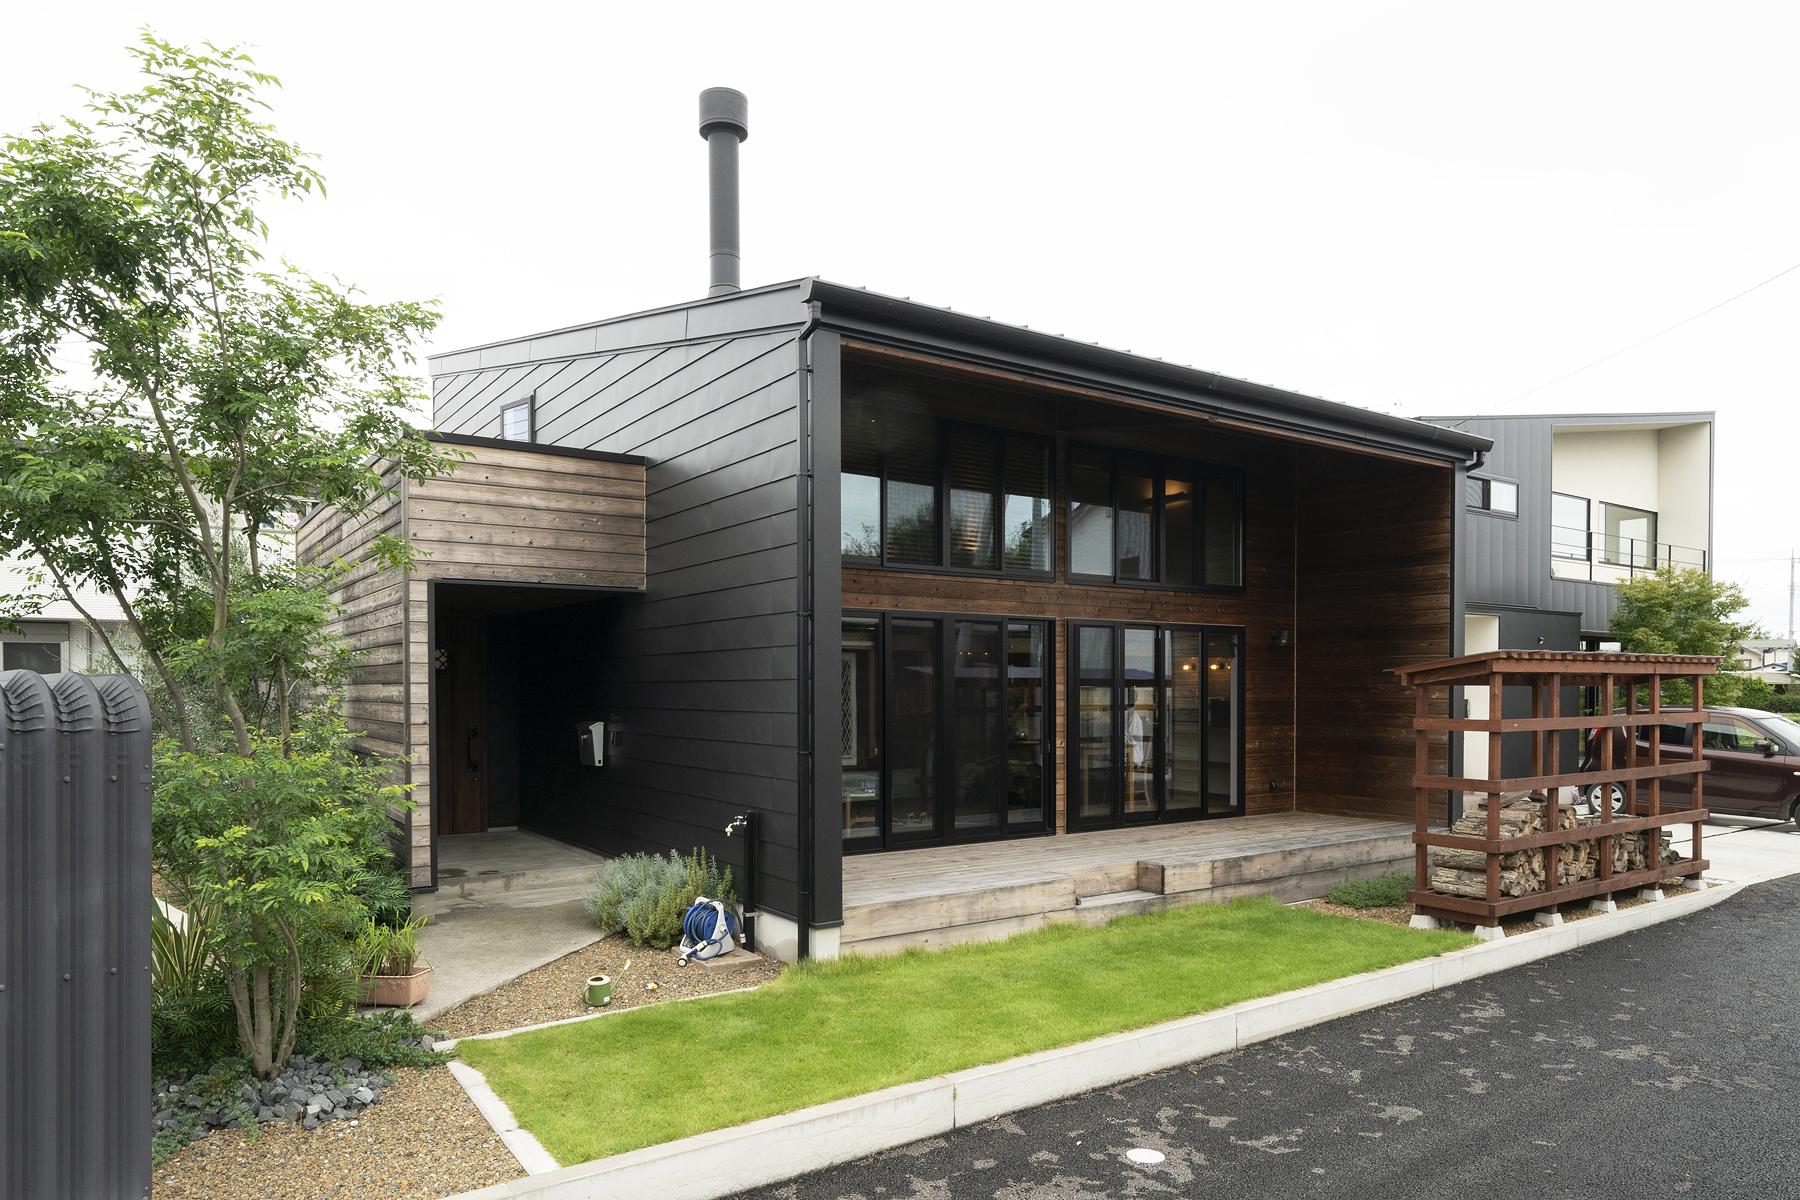 栃木県宇都宮市S様邸|GlamP|外観|ネクストハウスデザイン